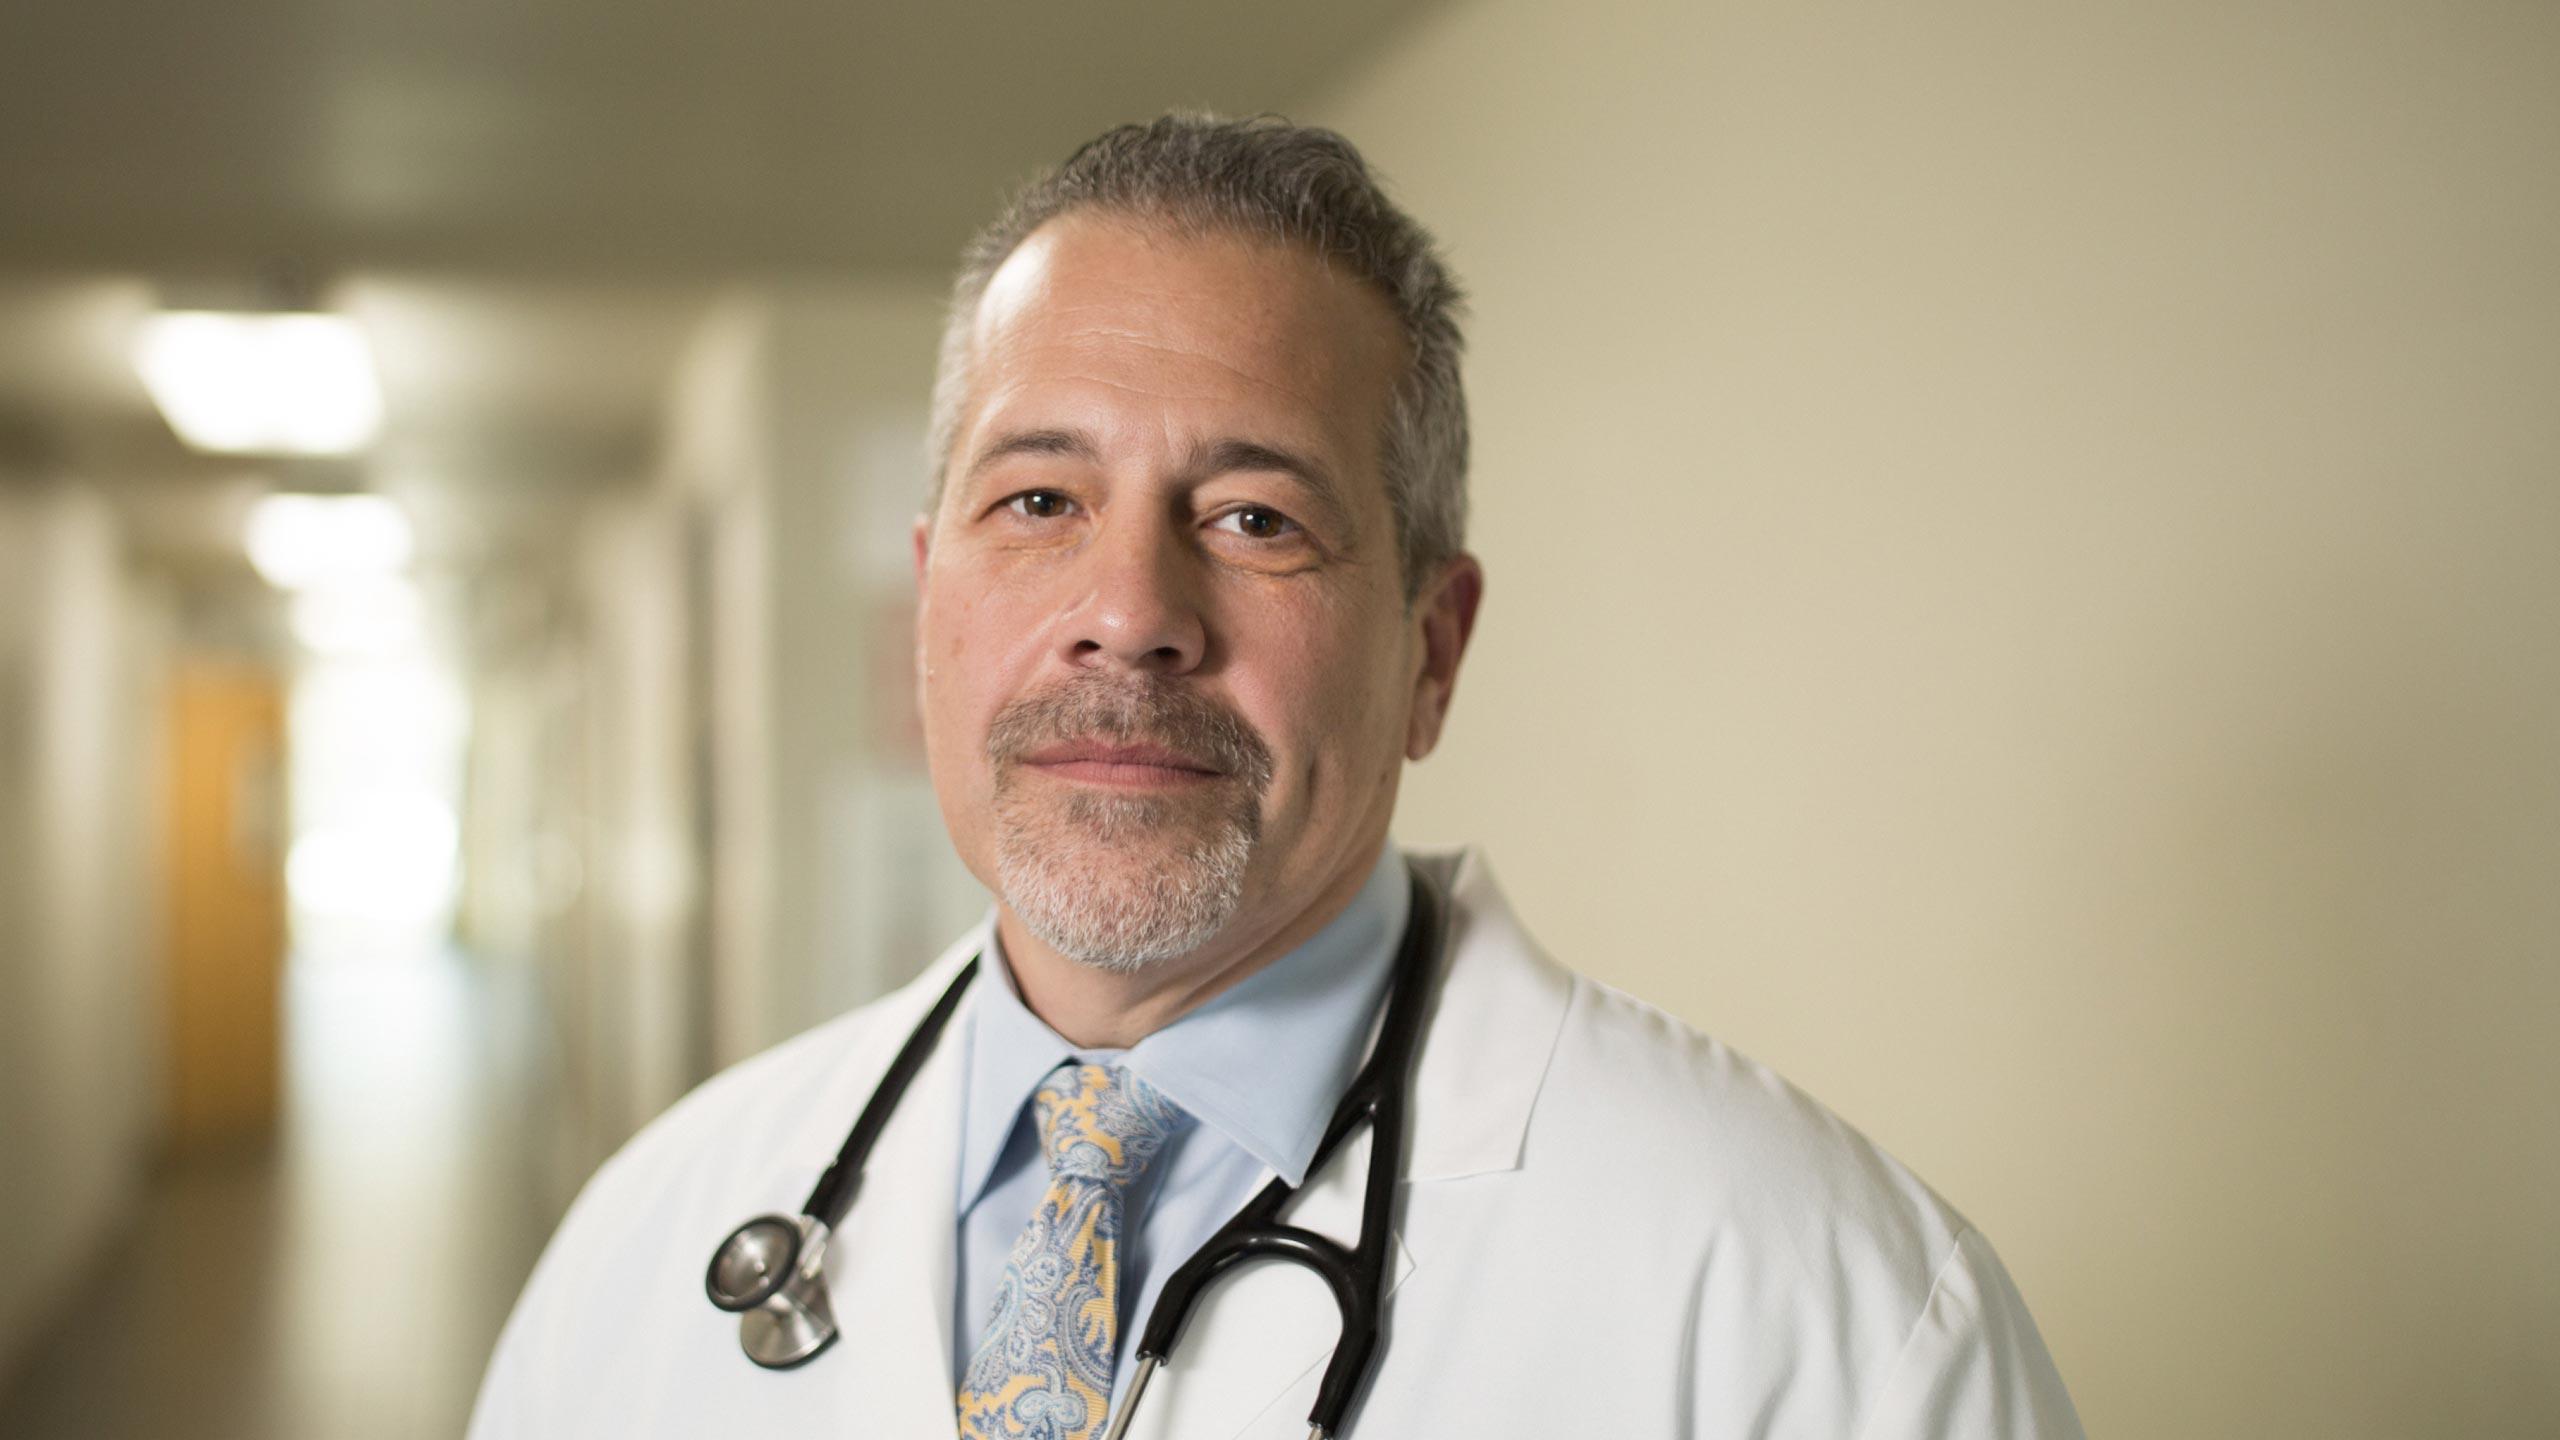 Dr. Brian Lenzkes